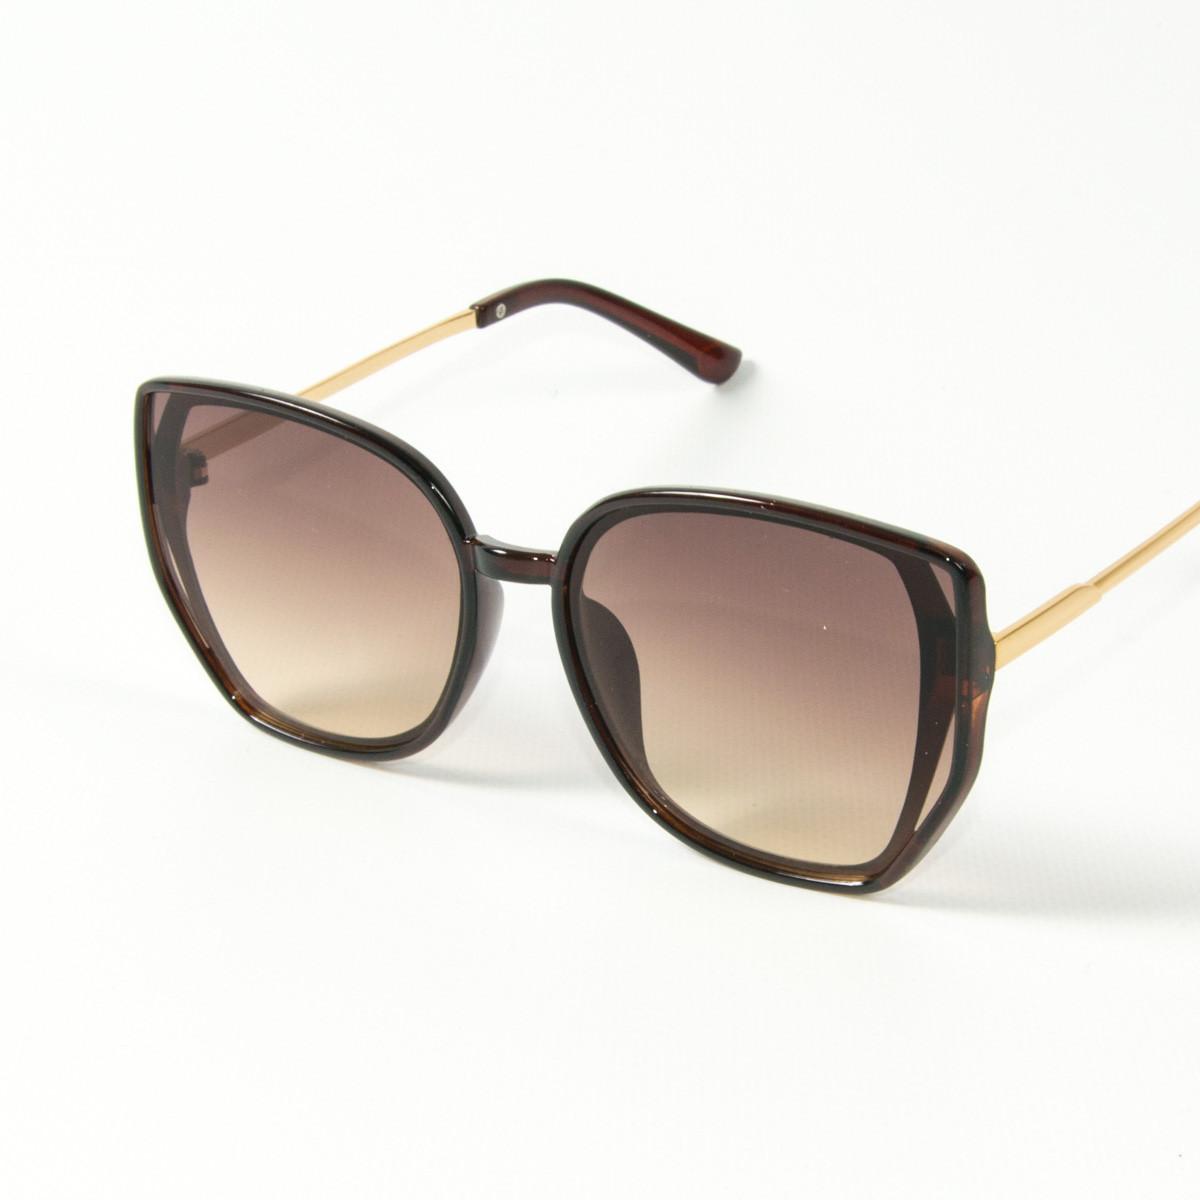 Оптом женские солнцезащитные очки кошачий глаз (арт. 2311/4) коричневые